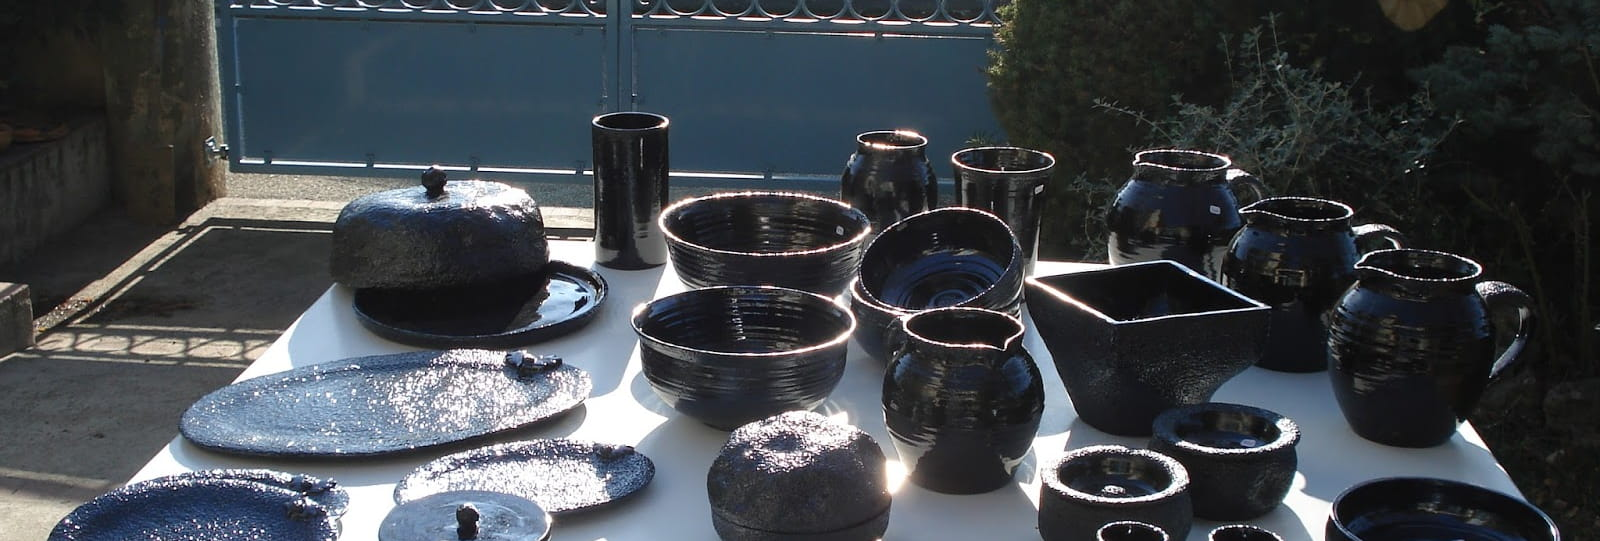 Caroline Bonenfant créations céramiques